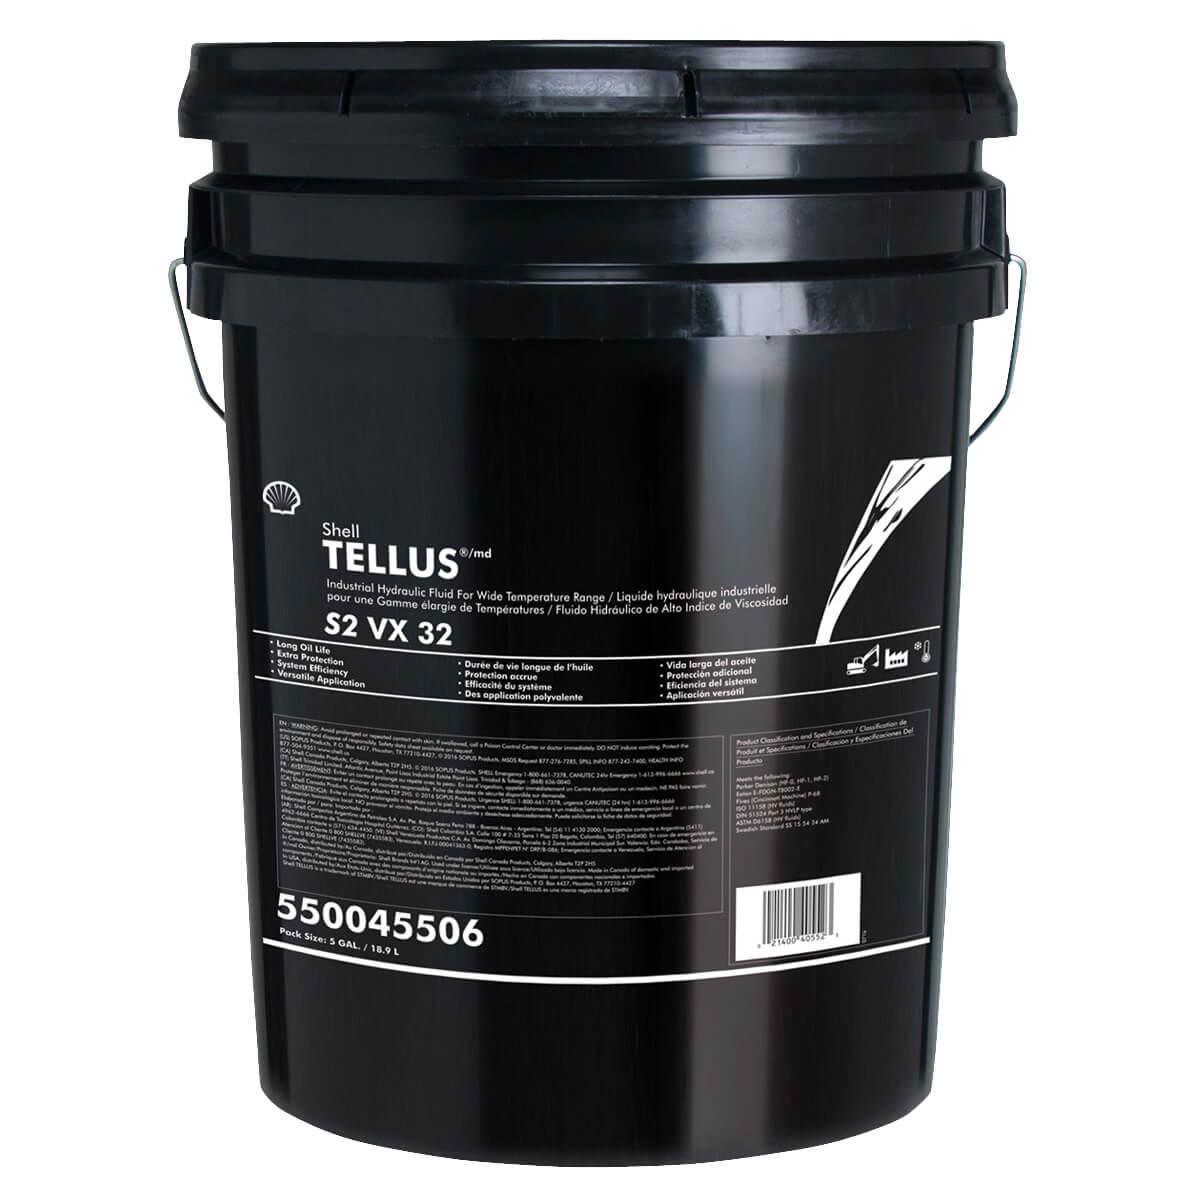 Shell Tellus S2 VX 32 - 18.9 L